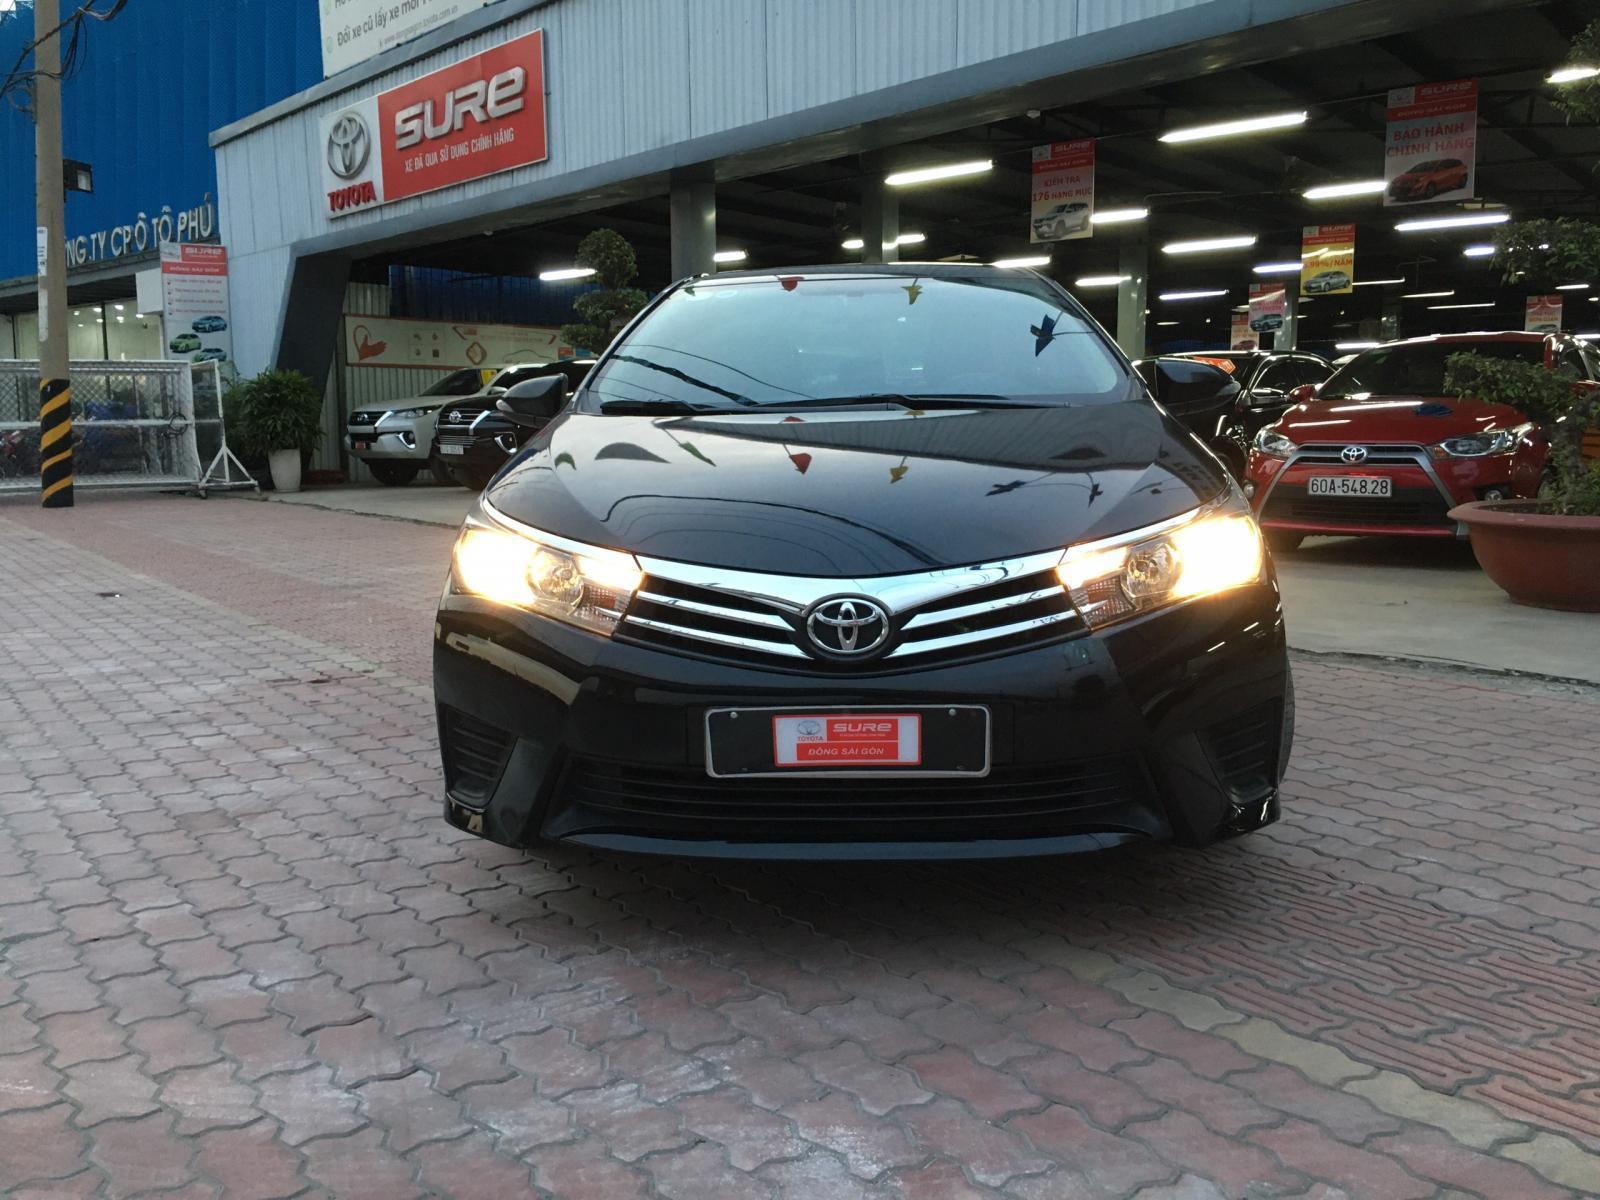 Cần bán gấp Toyota Corolla altis 1.8 MT đời 2014, màu đen Siêu Chất mới chạy 55.000km , giá cạnh tranh